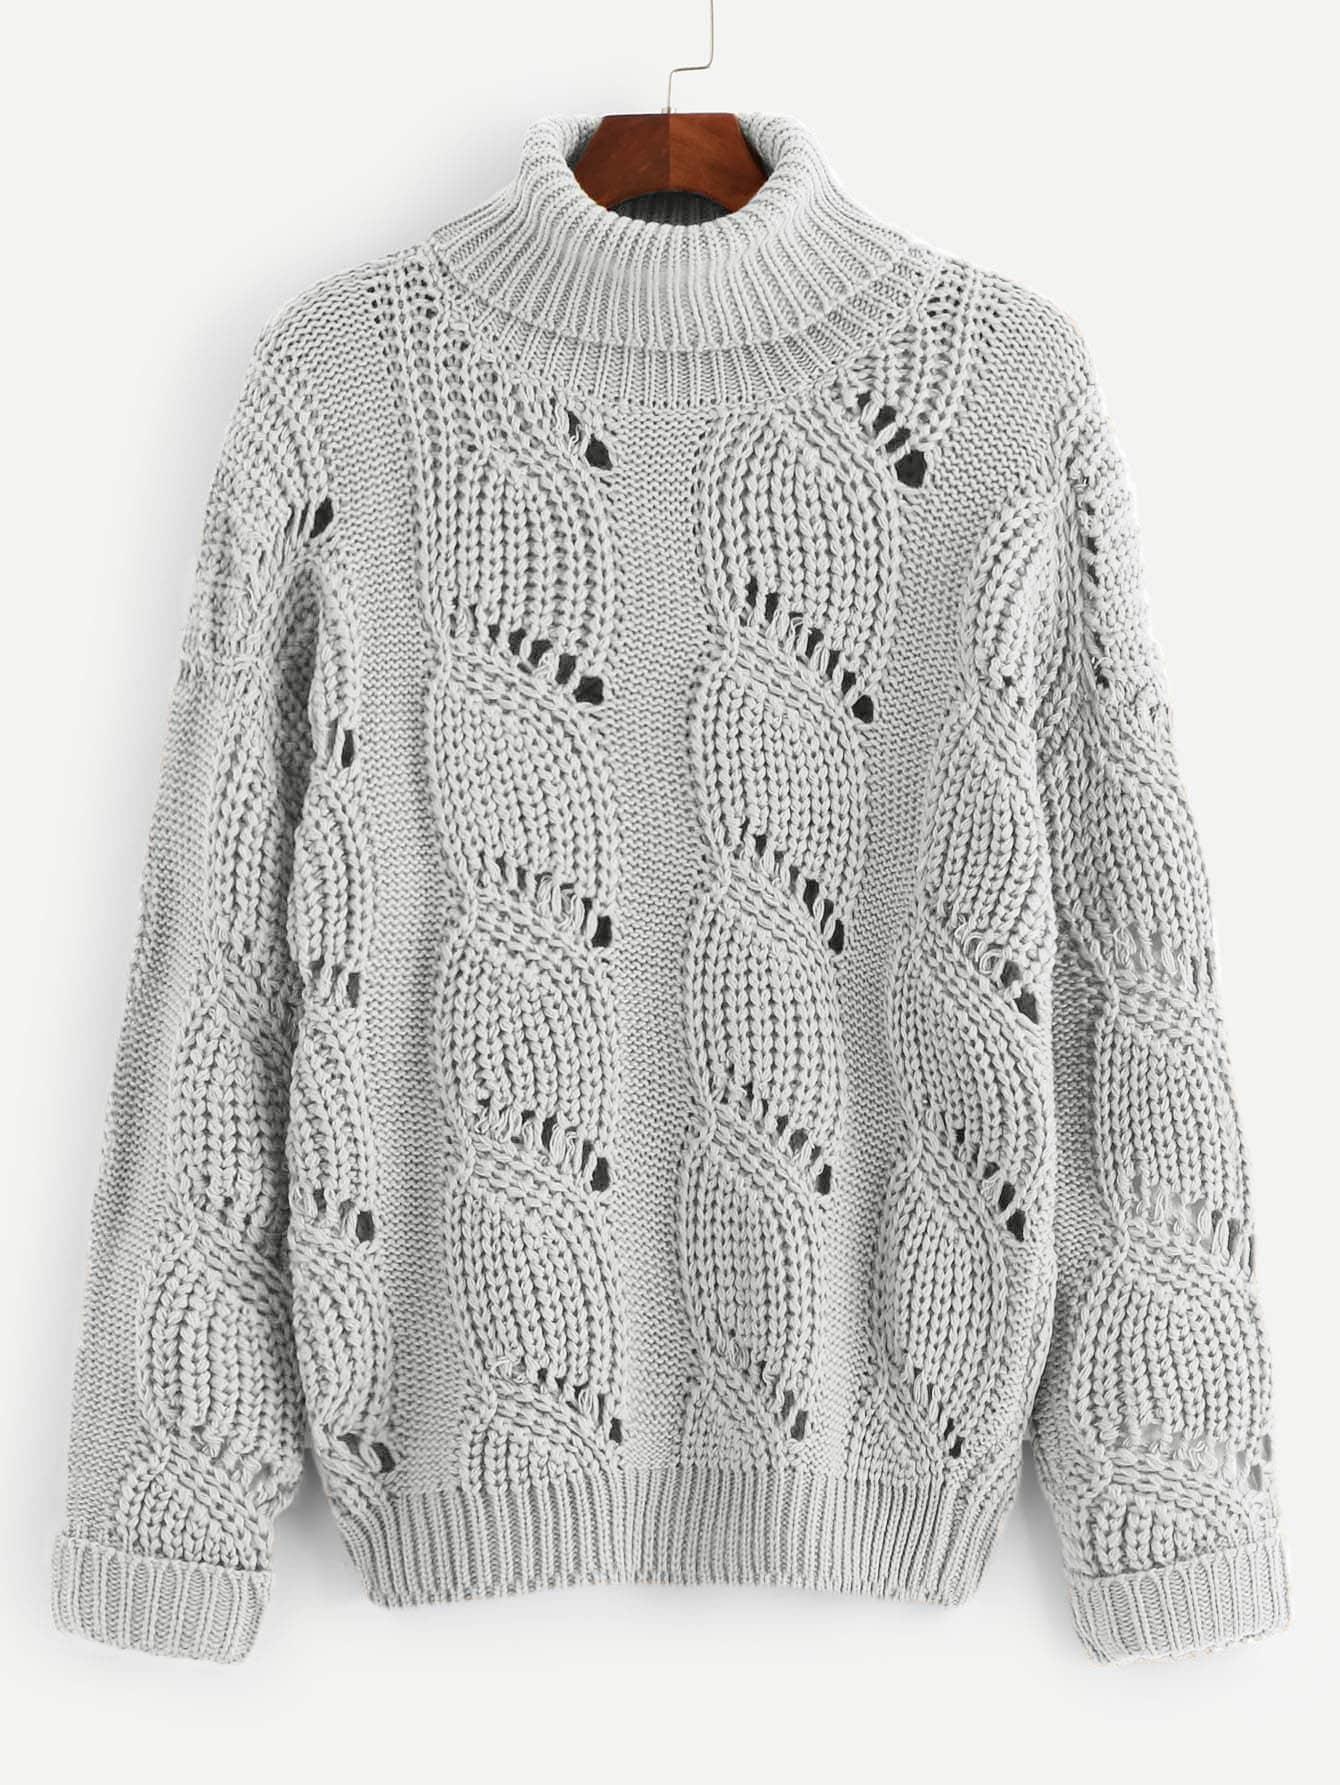 Купить Стильный свитер крупной вязки с манжетами, null, SheIn